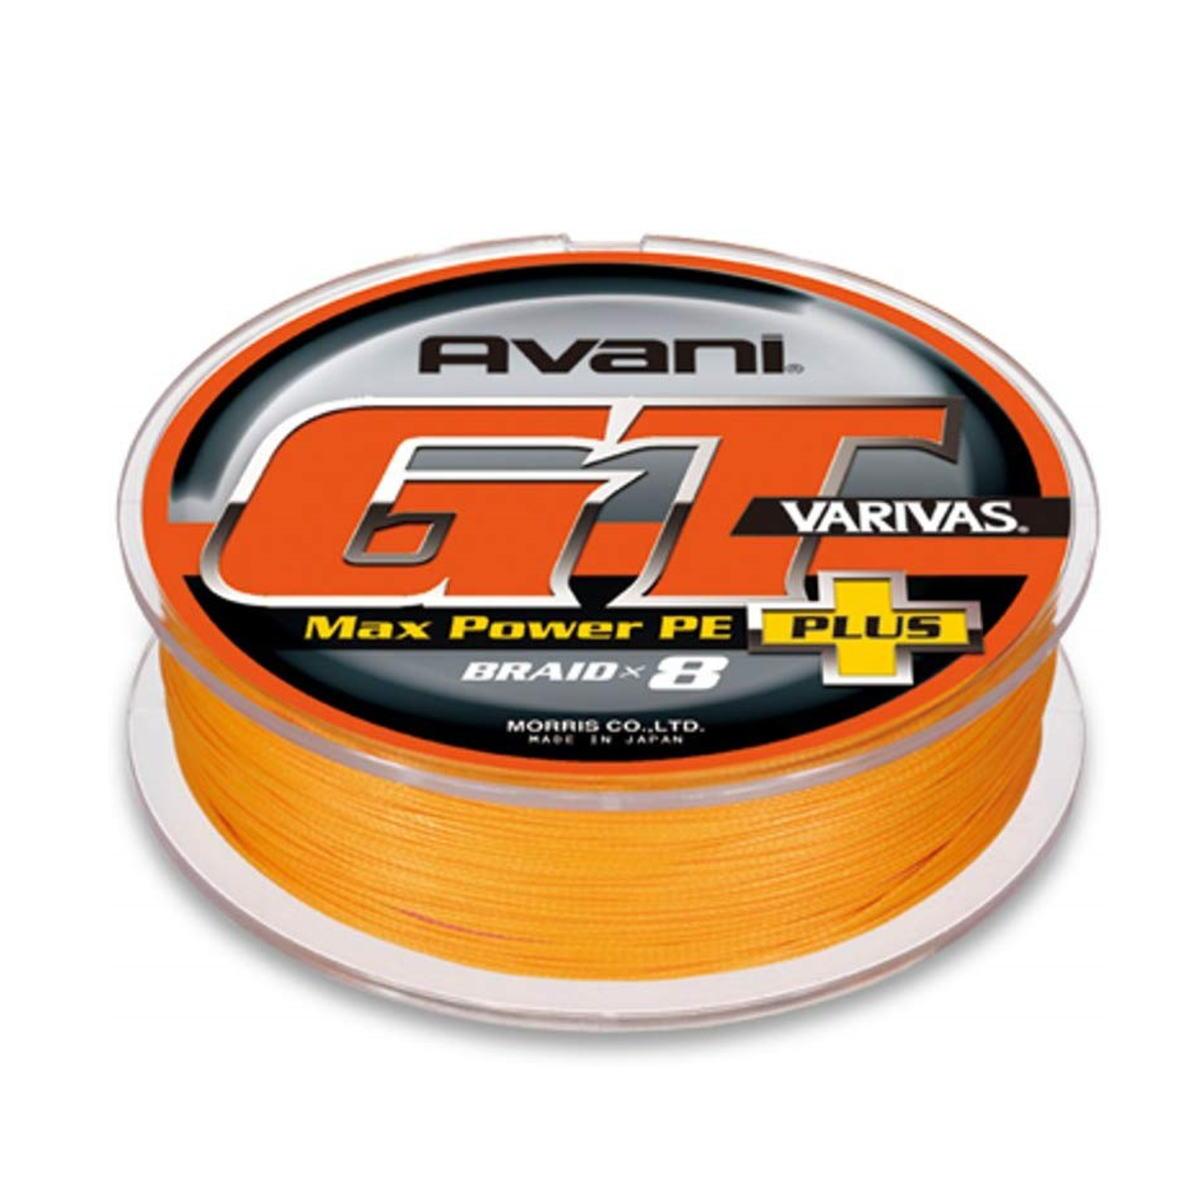 【送料無料4】モーリス ライン VARIVAS アバニ GT マックスパワー プラス 300m 10号